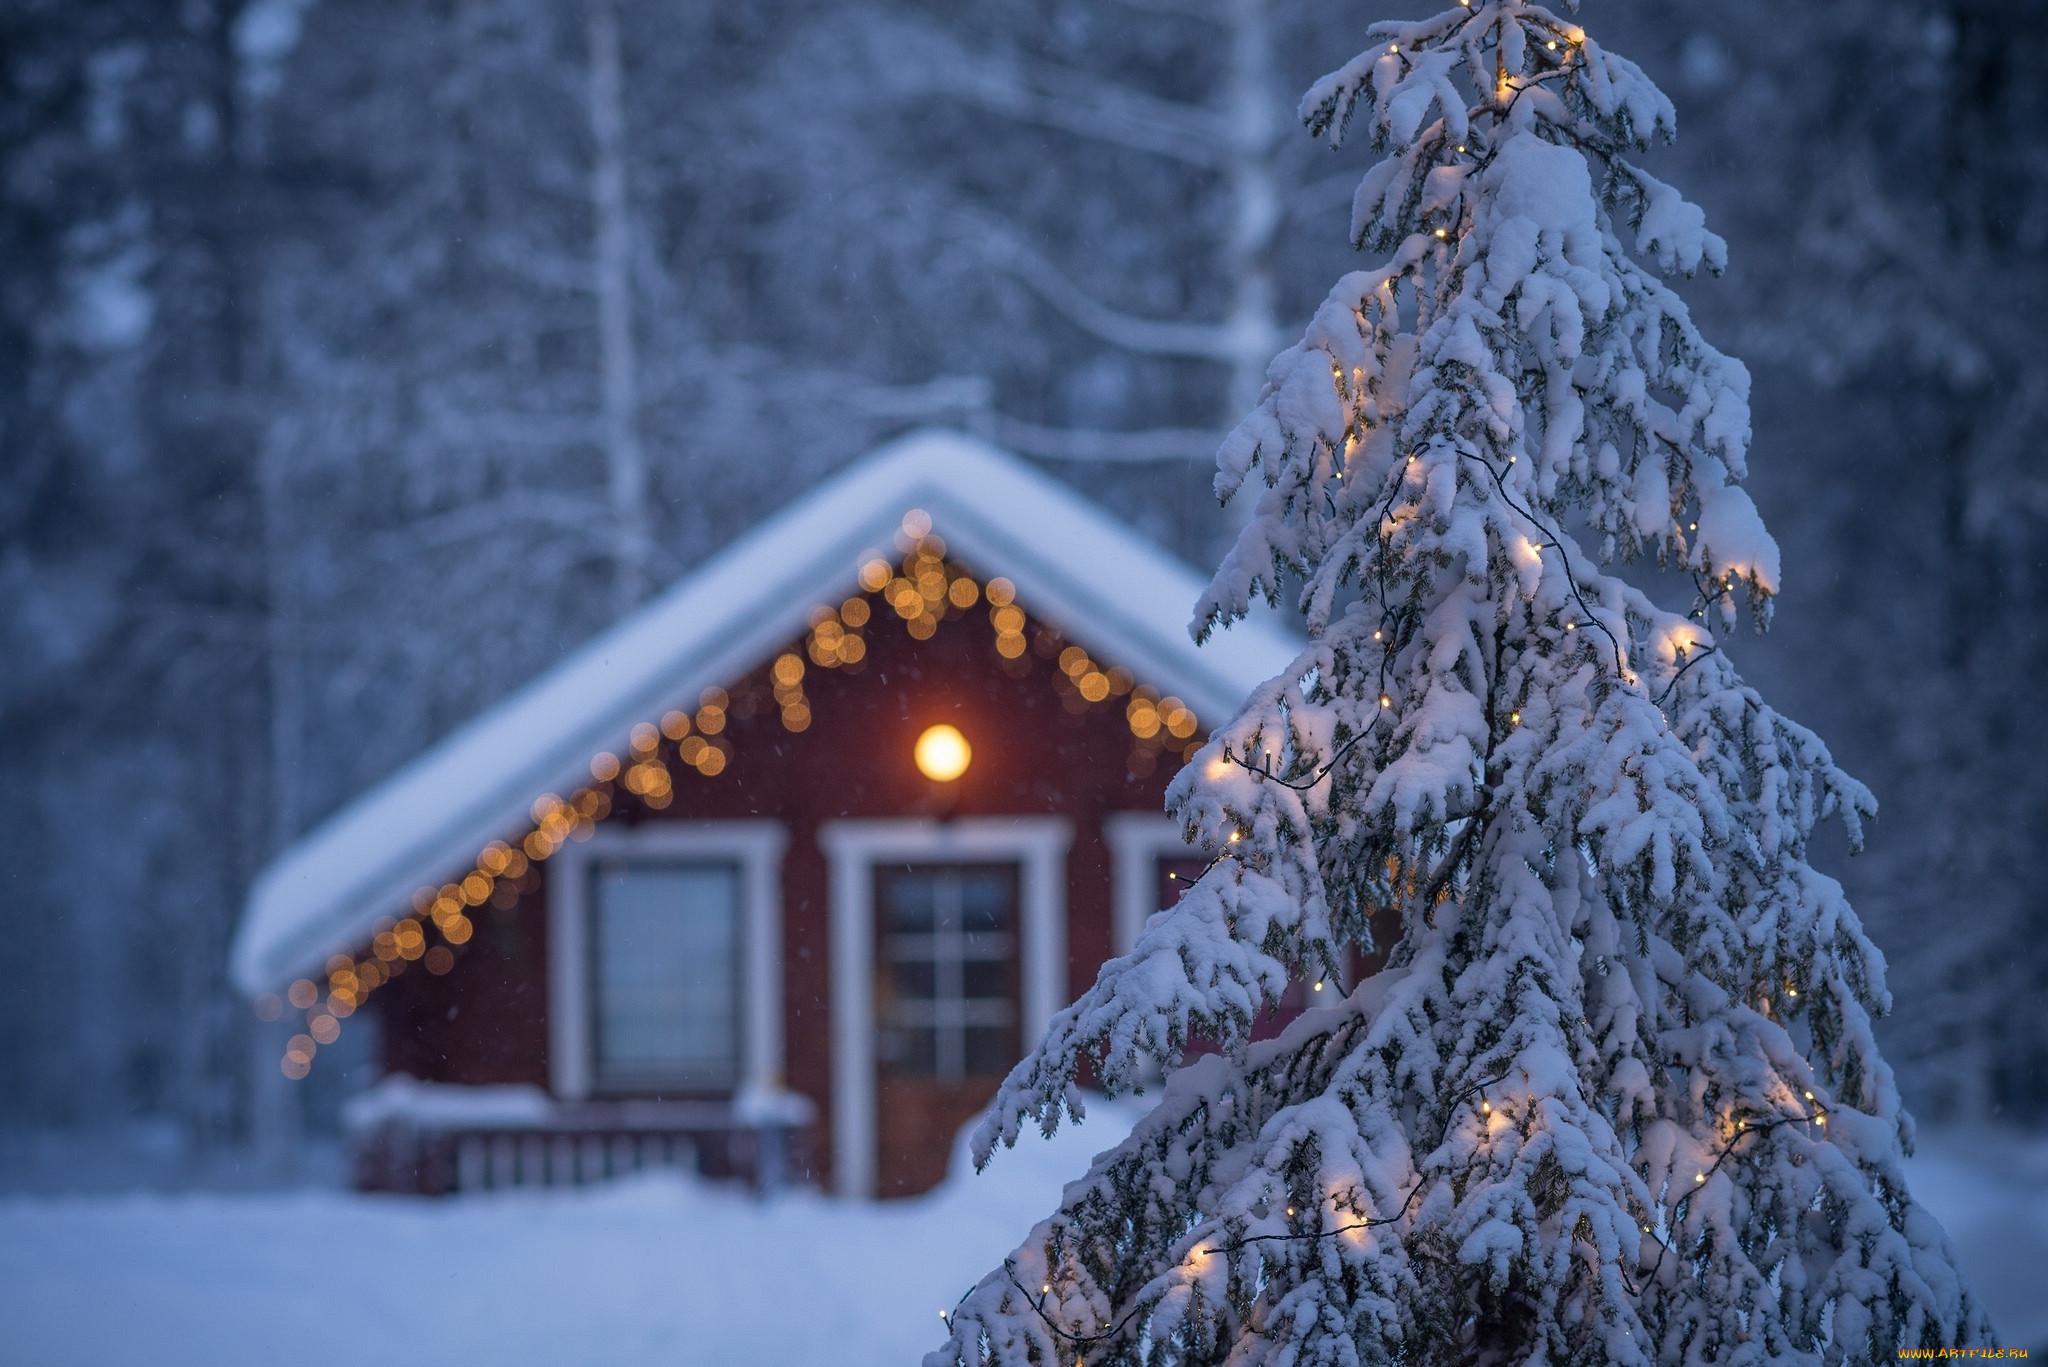 Красивая картинка домик и елки со снегом